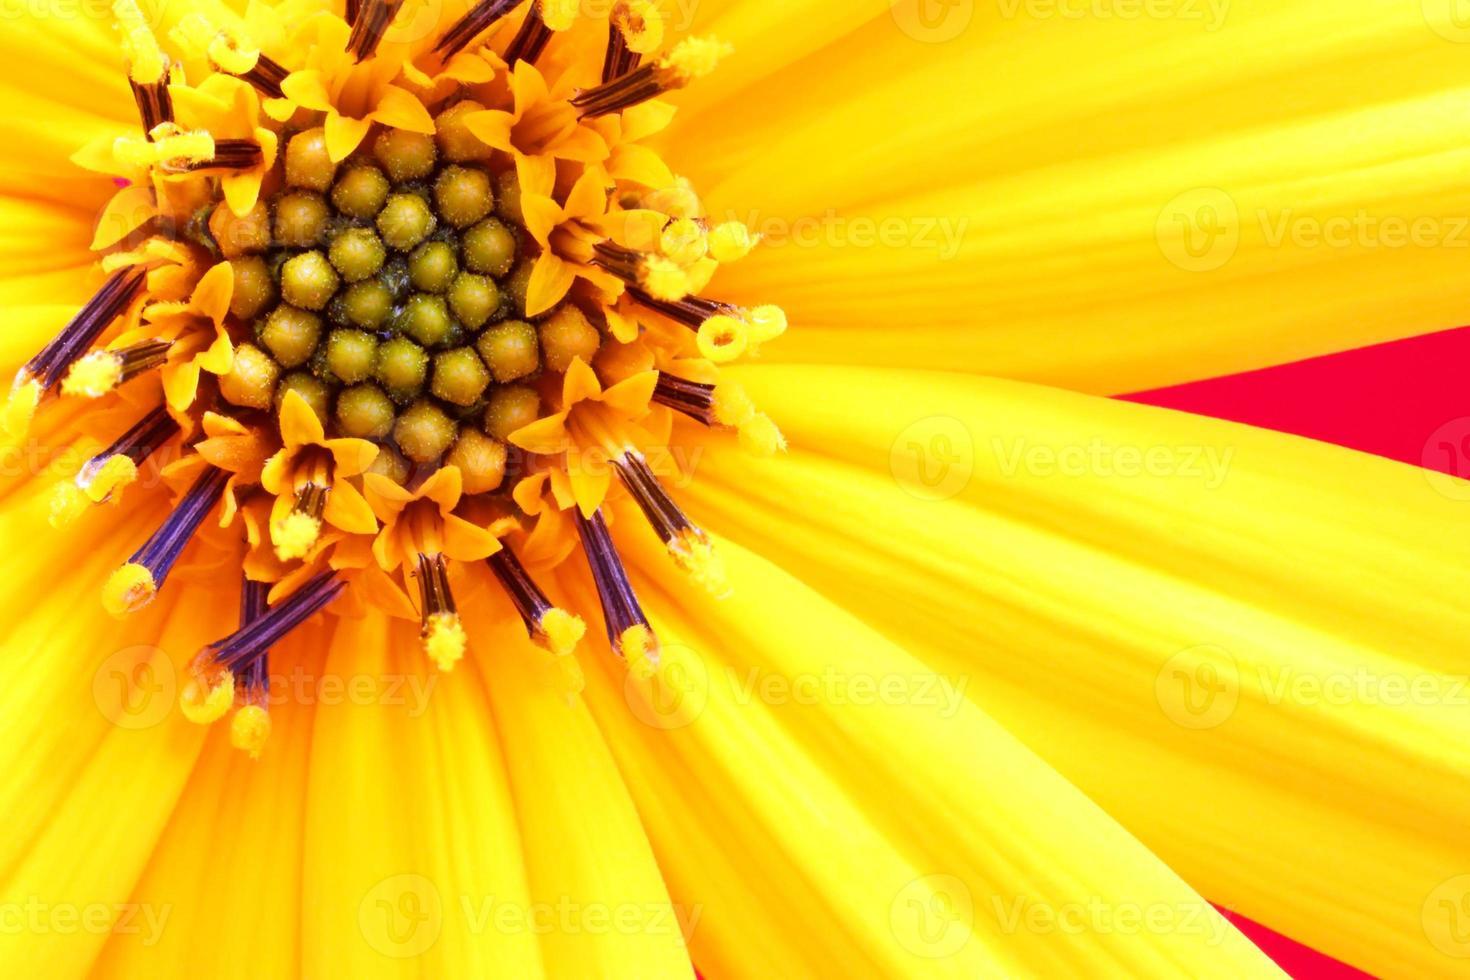 girasol bloem close-up foto